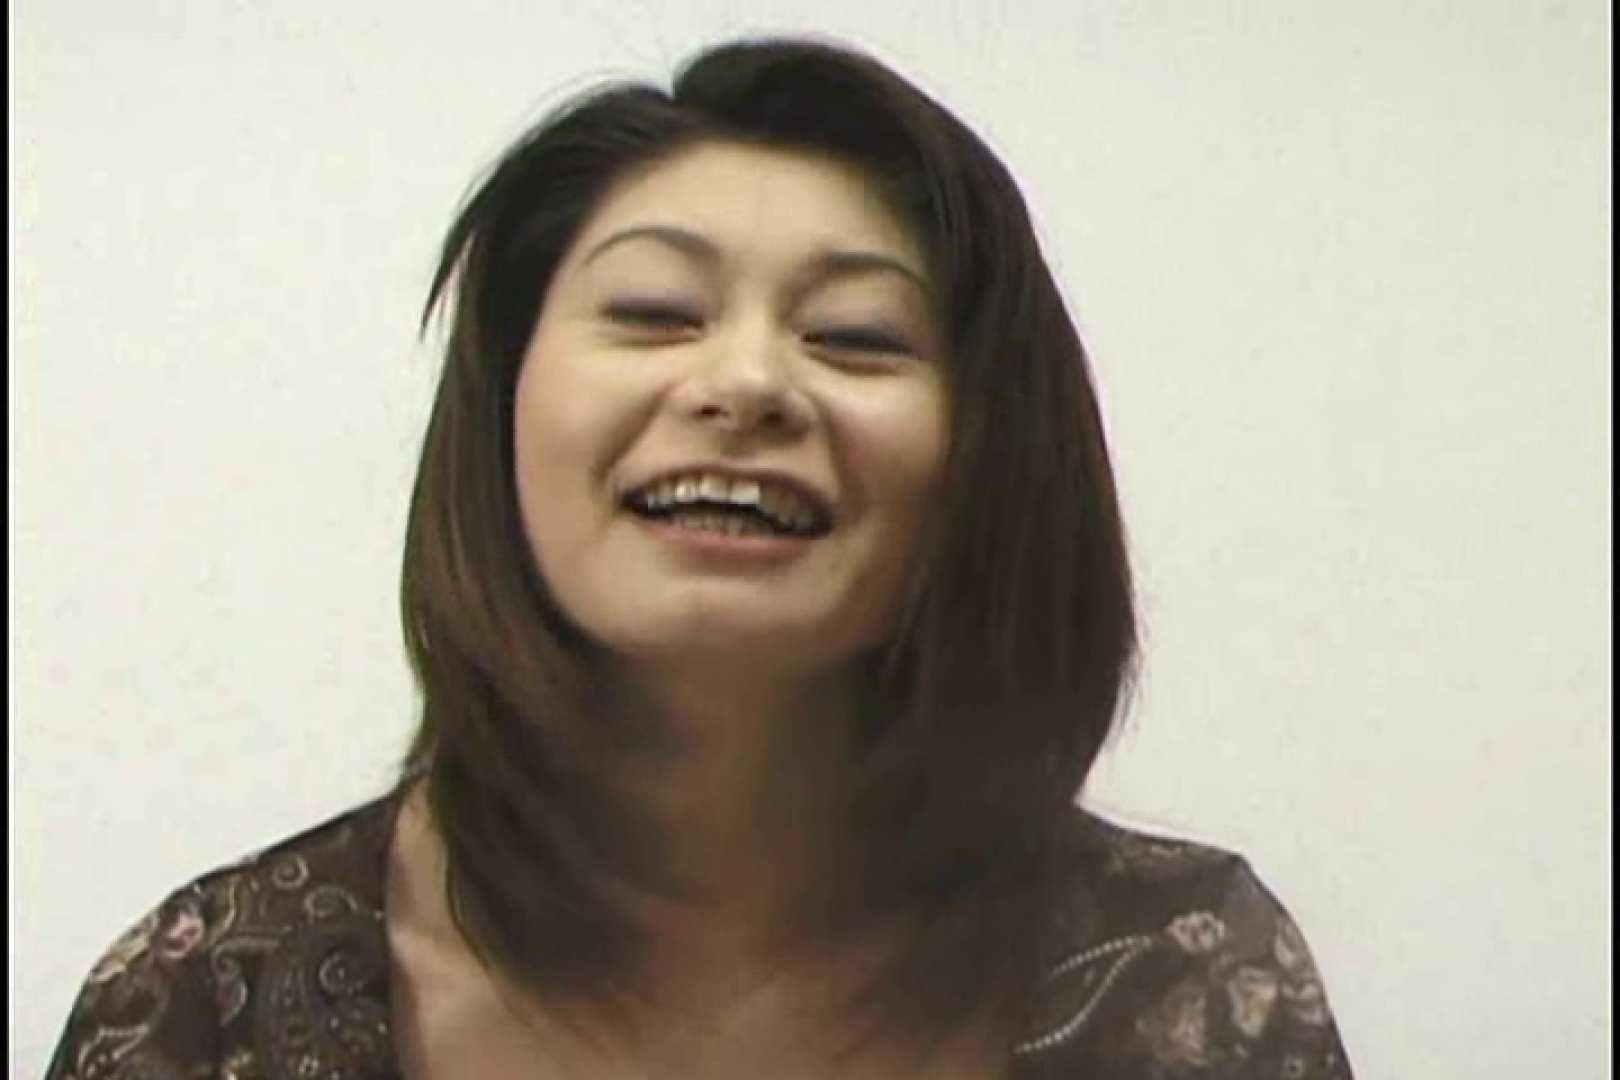 素人嬢126人のハメ撮り 清川百合 素人流出動画 盗撮画像 74枚 34